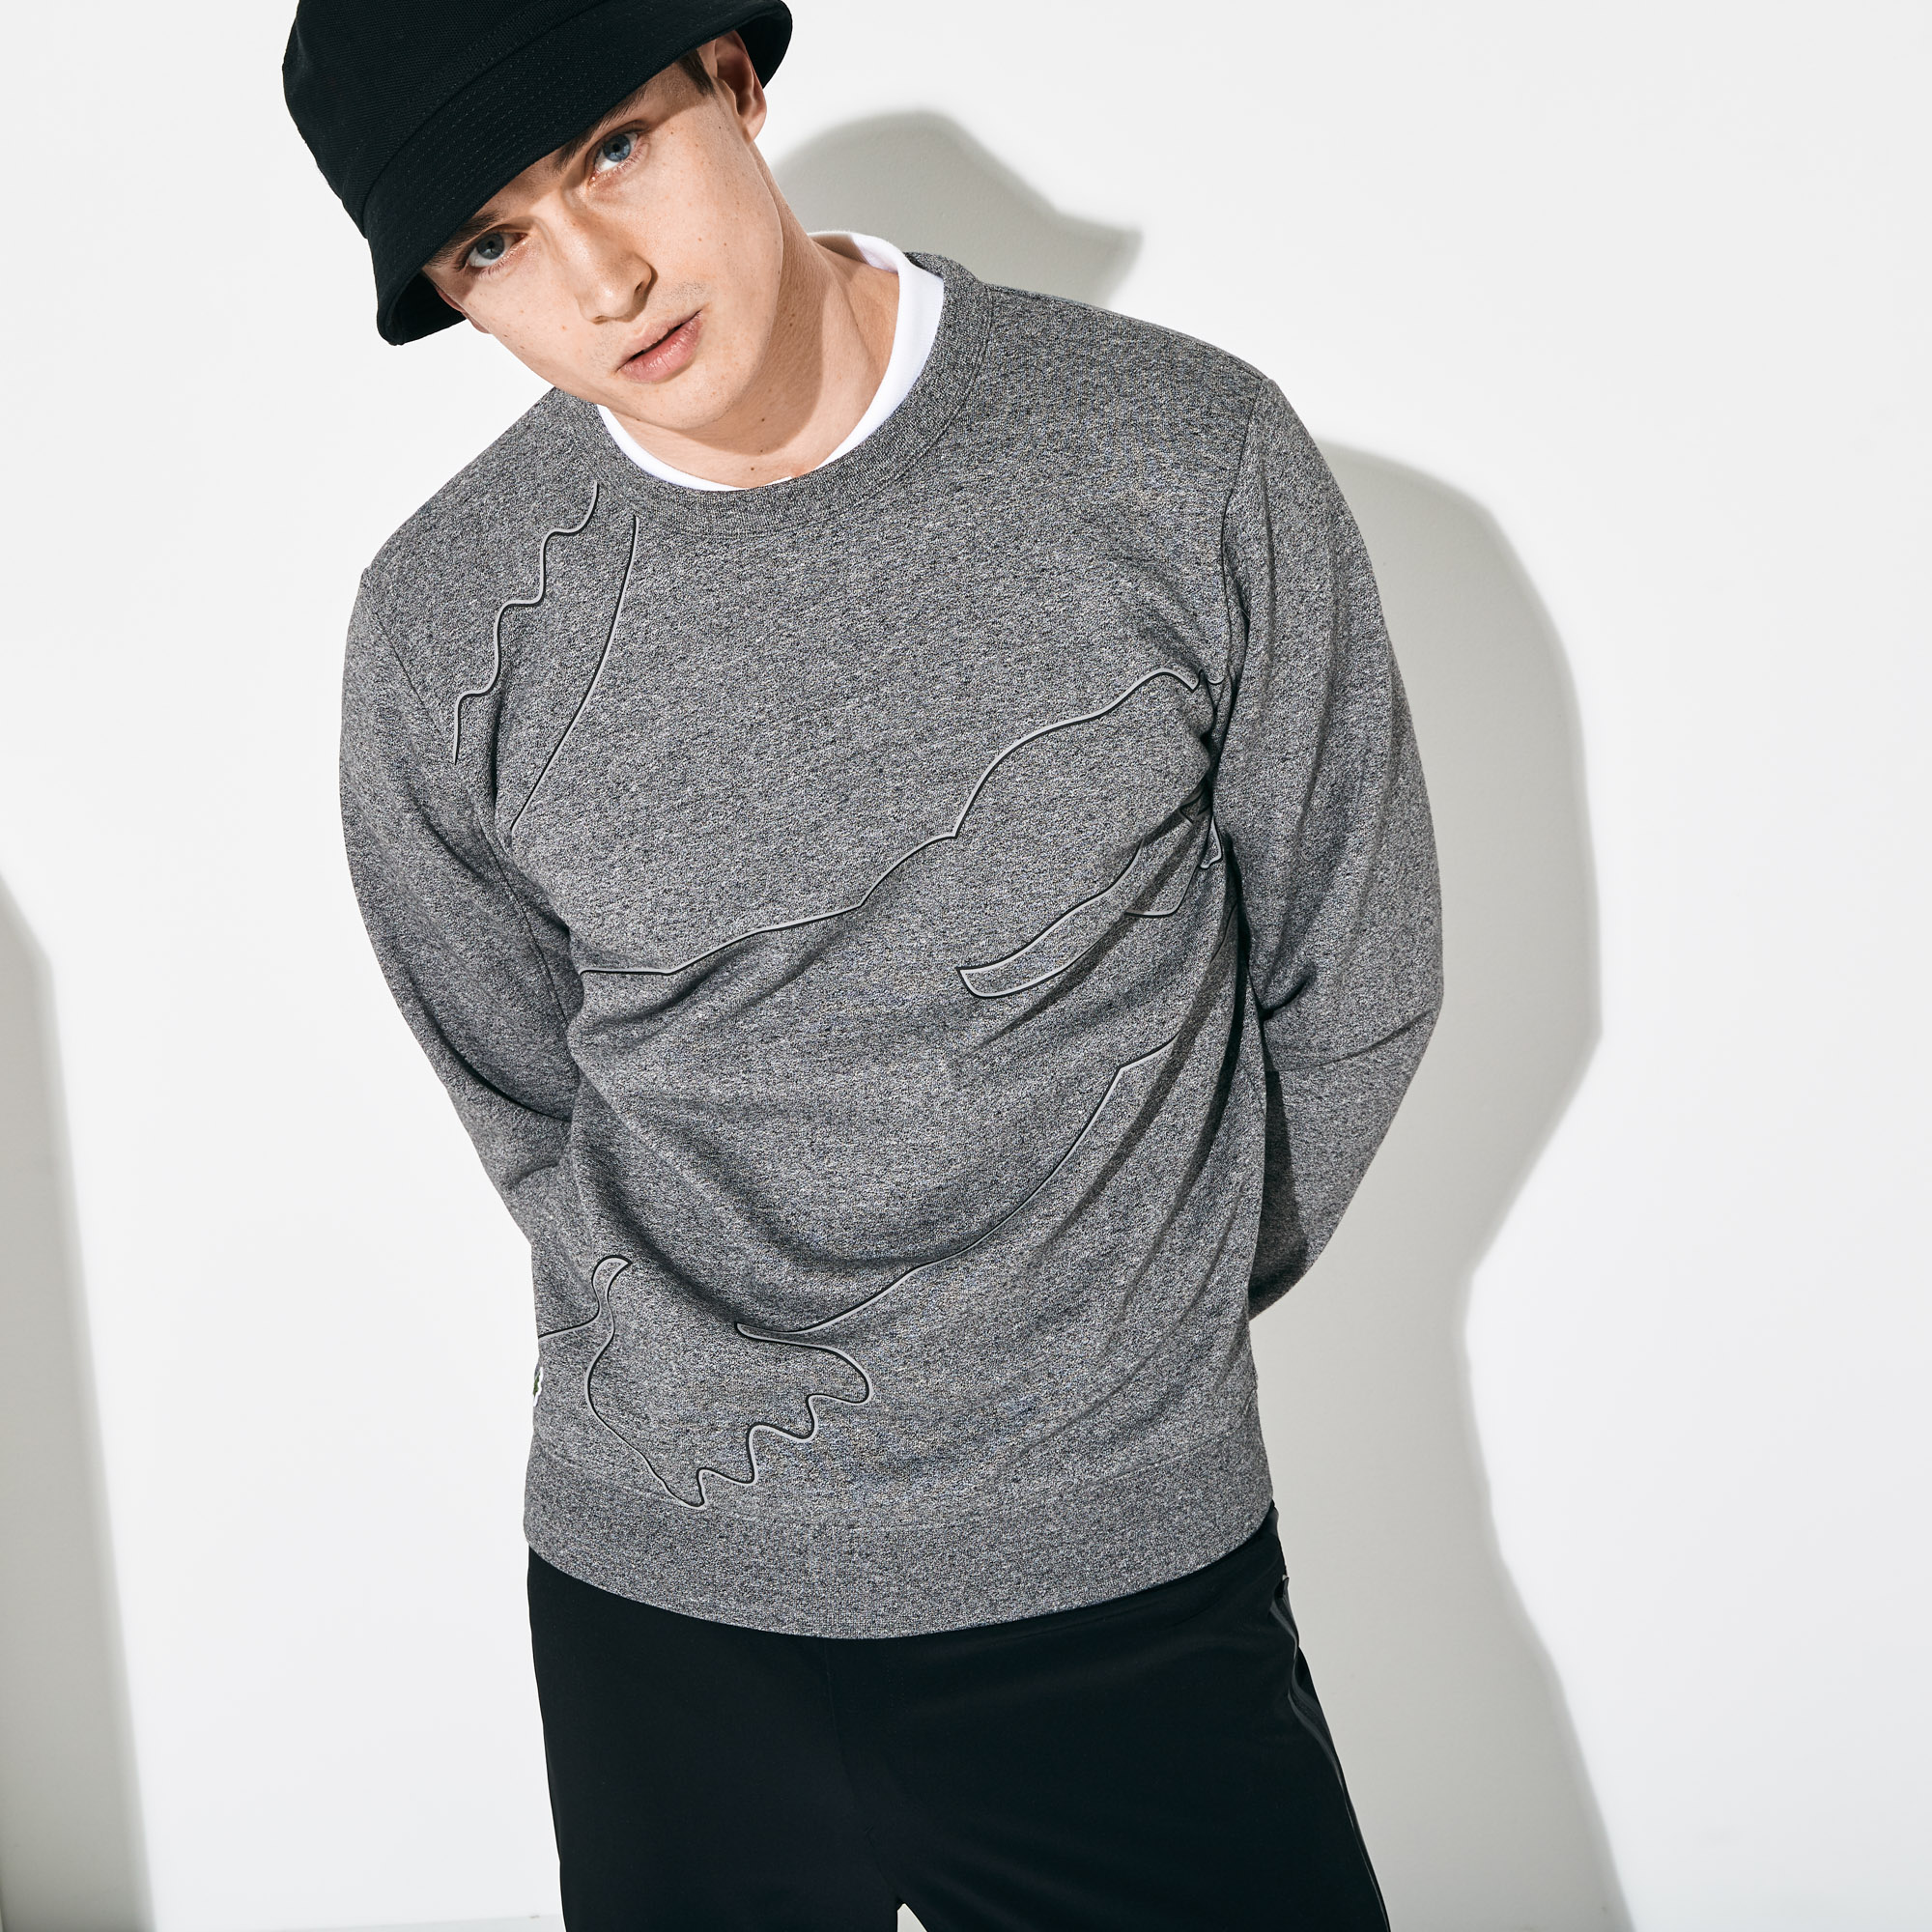 Lacoste Men's SPORT Oversized Croc Brushed Fleece Sweatshirt